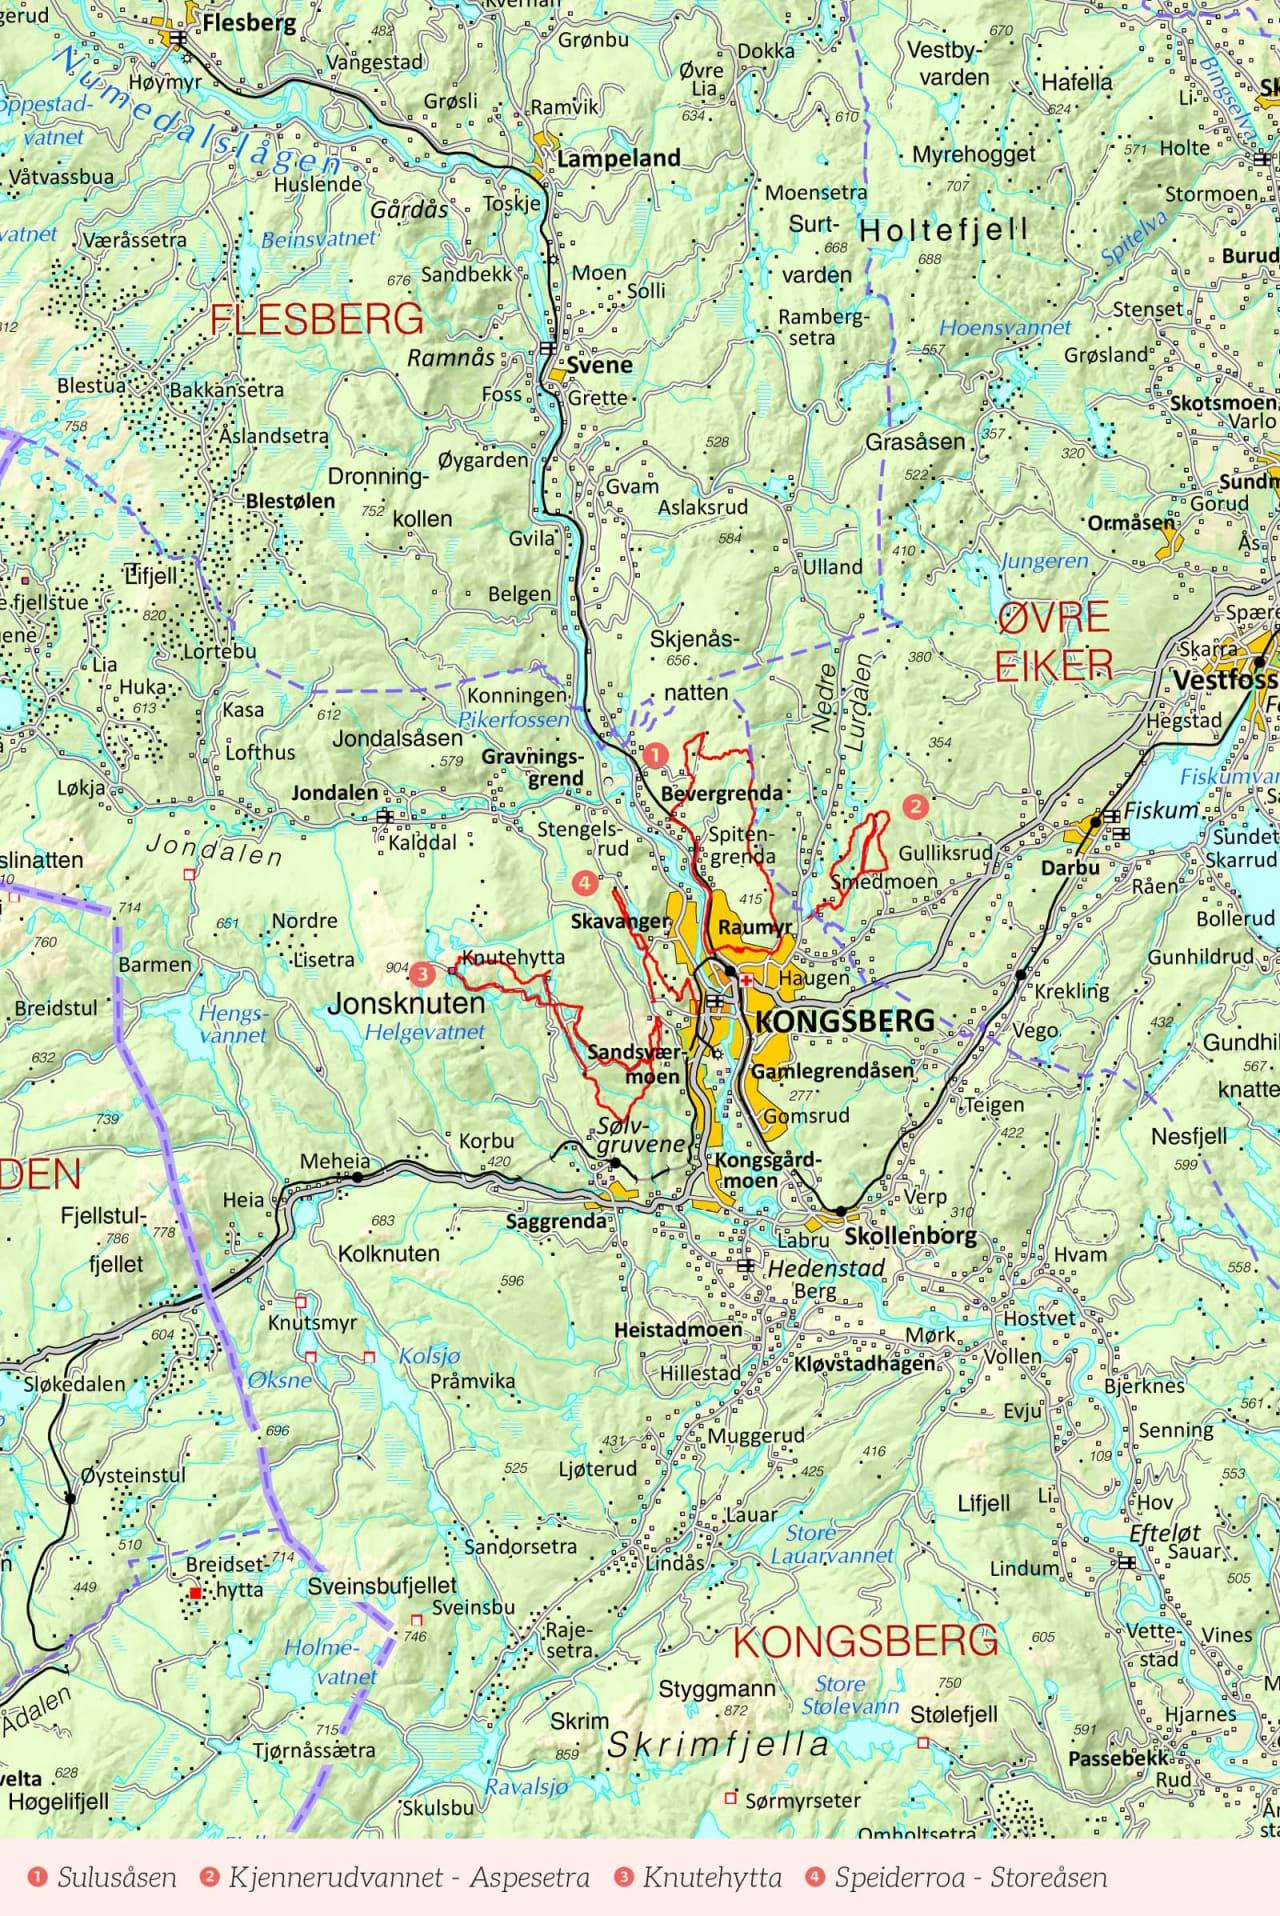 Oversikstkart over Kongsberg med inntegnet rute. Fra Stisykling i Norge.